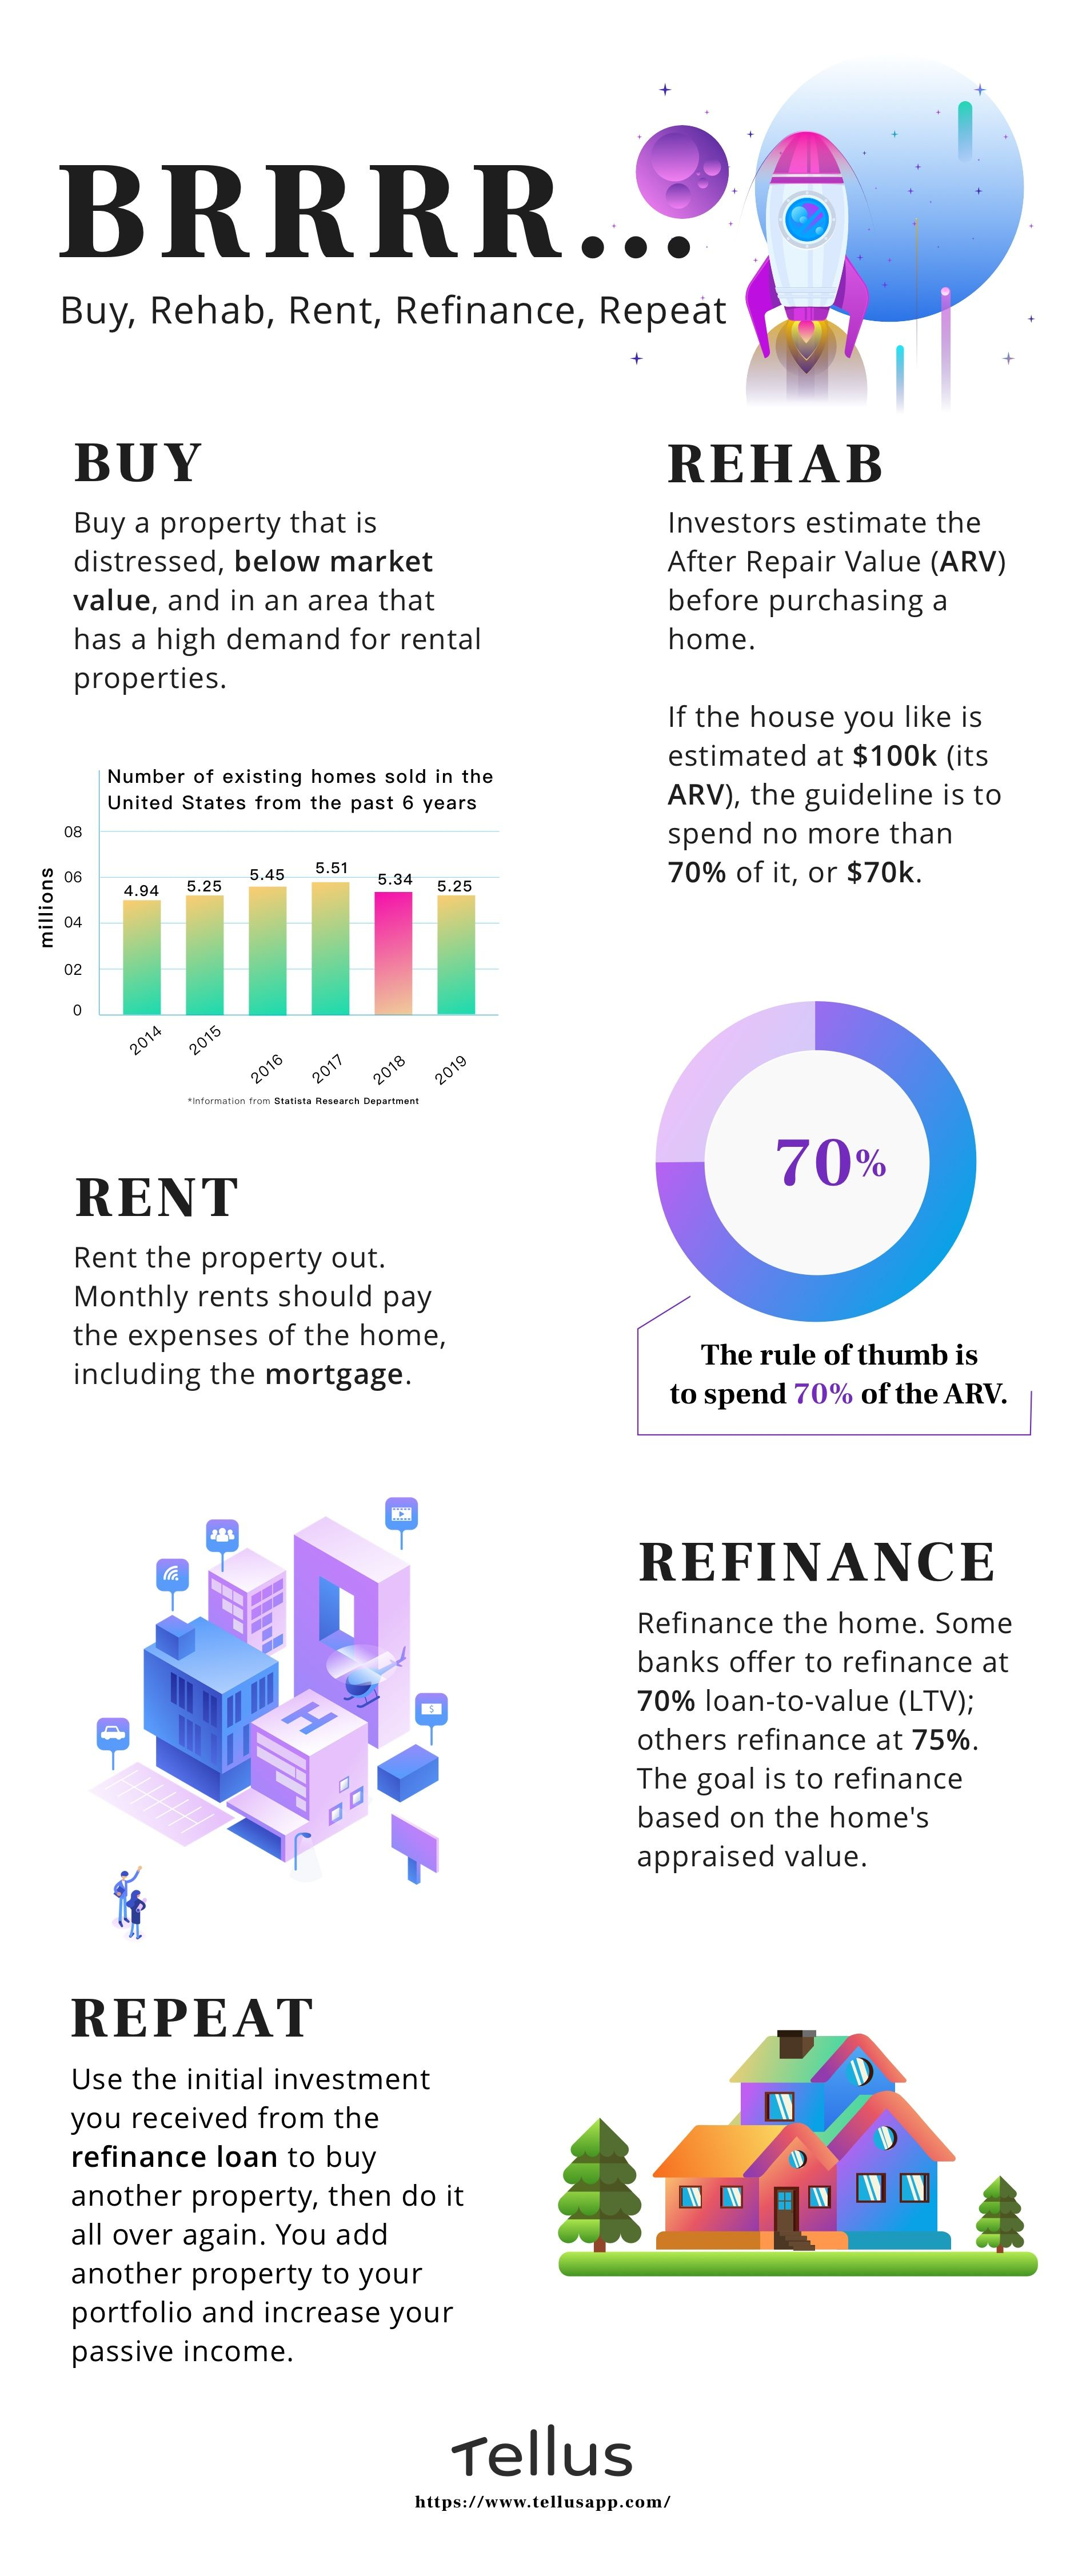 BRRRR Method for Real Estate Investing Beginners   Tellus Blog